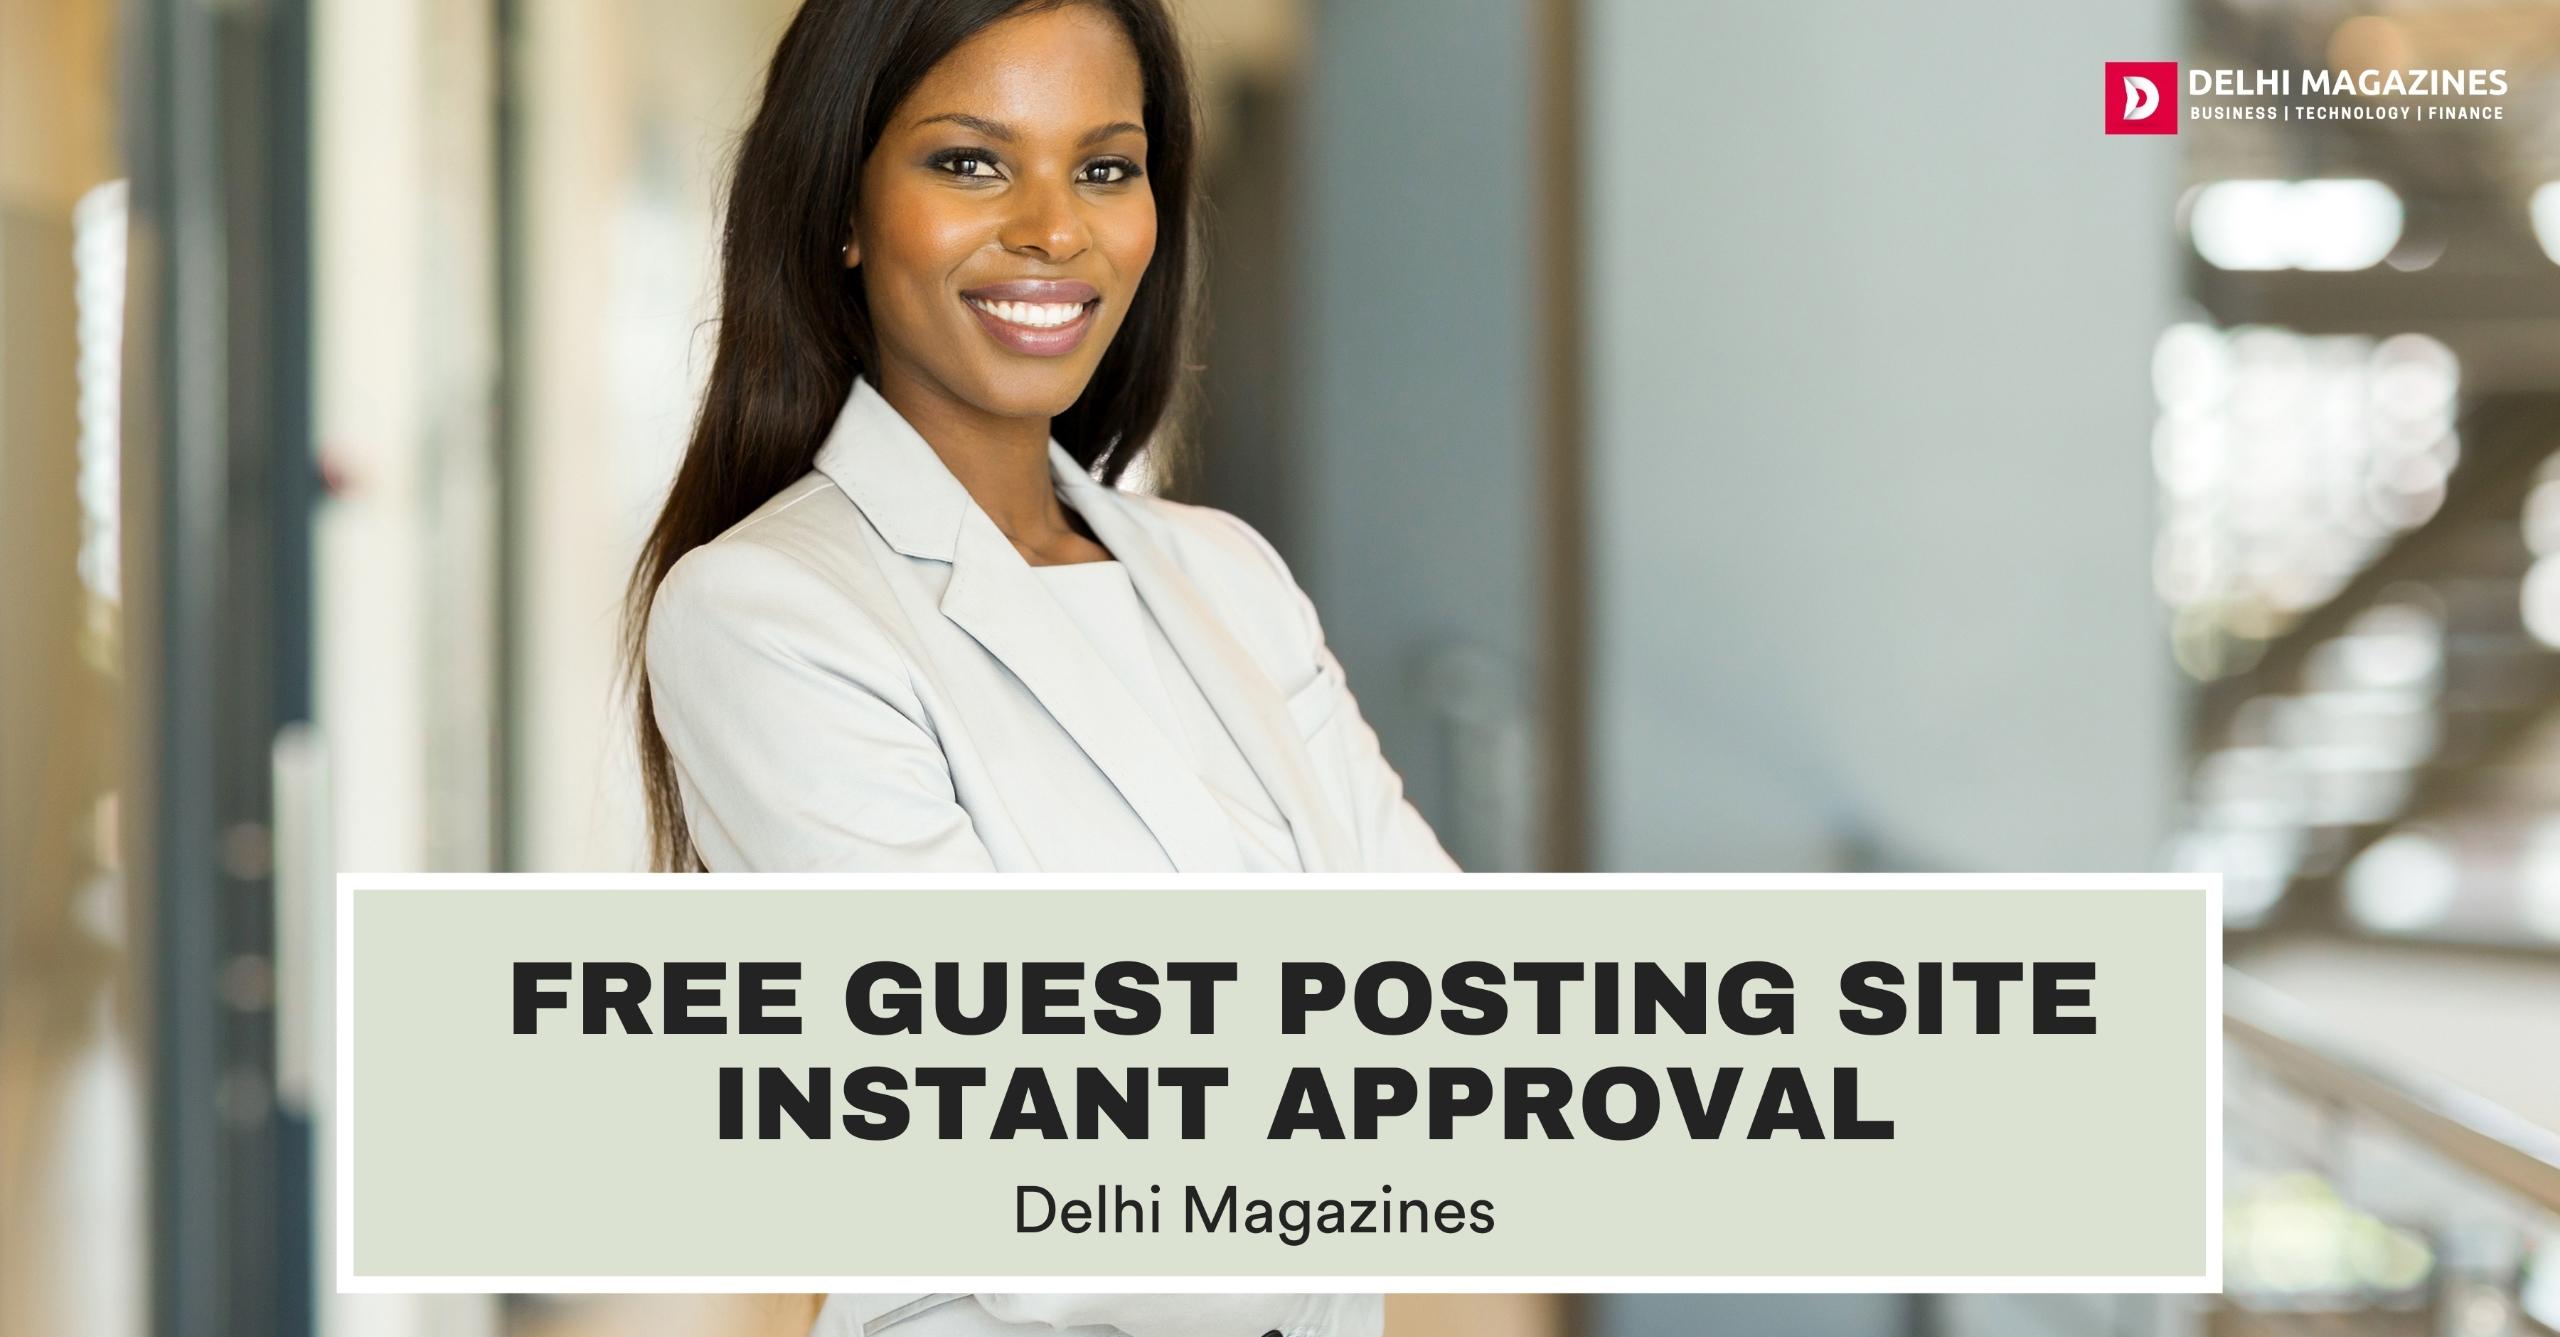 Delhi Magazine (@delhimagazines) Cover Image